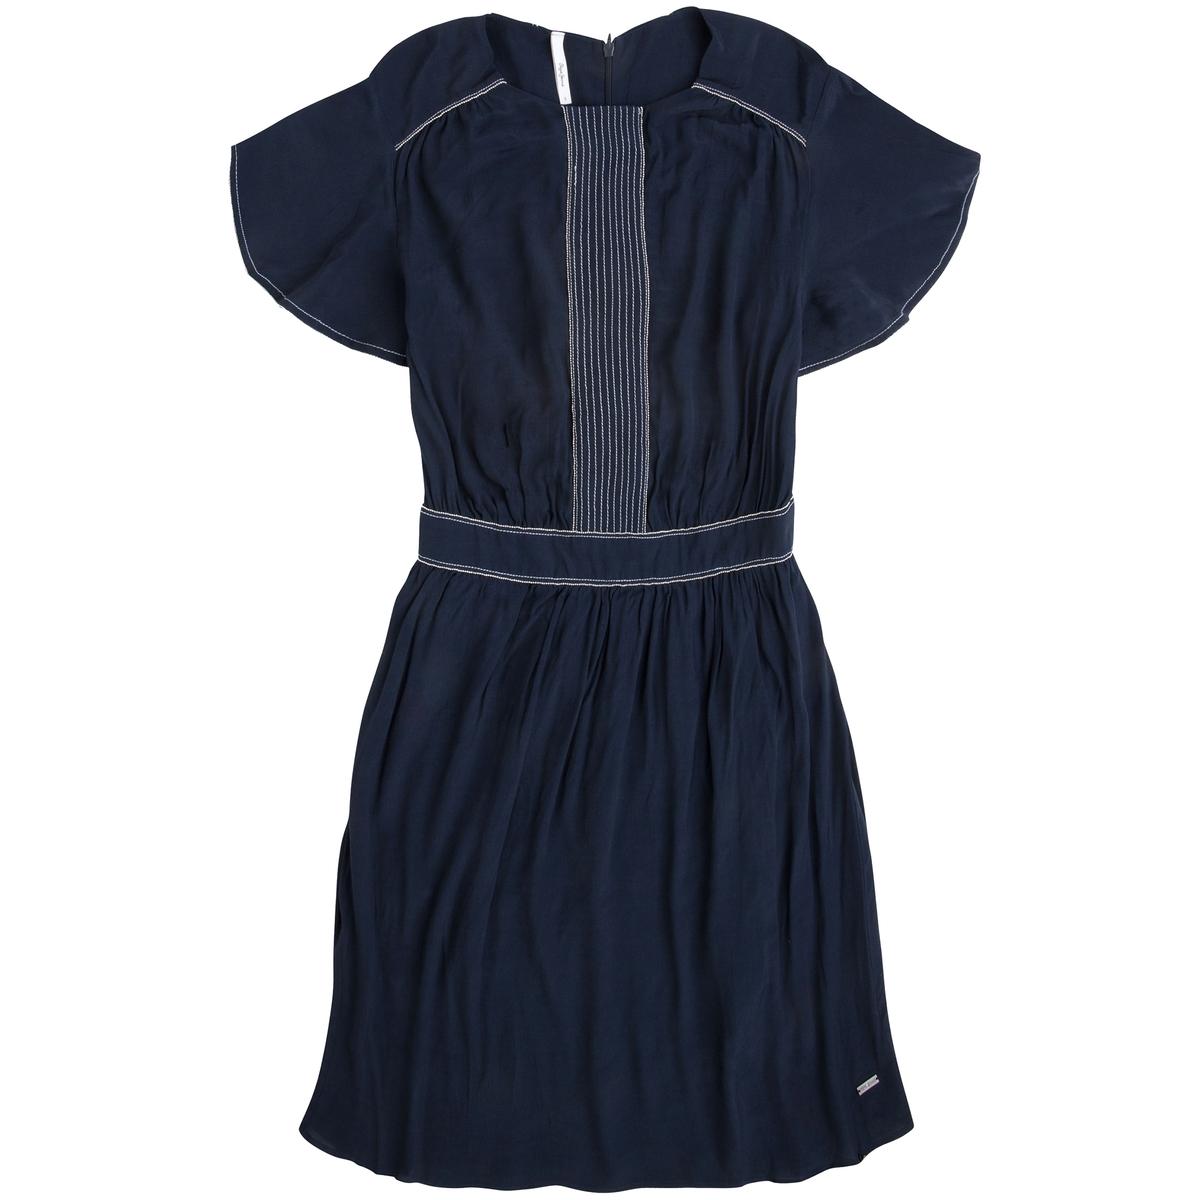 Платье короткое с короткими рукавамиДетали •  Форма : расклешенная •  Короткое  •  Короткие рукава    •  Круглый вырезСостав и уход •  100% полиэстер  •  Следуйте советам по уходу, указанным на этикетке<br><br>Цвет: синий морской<br>Размер: L.M